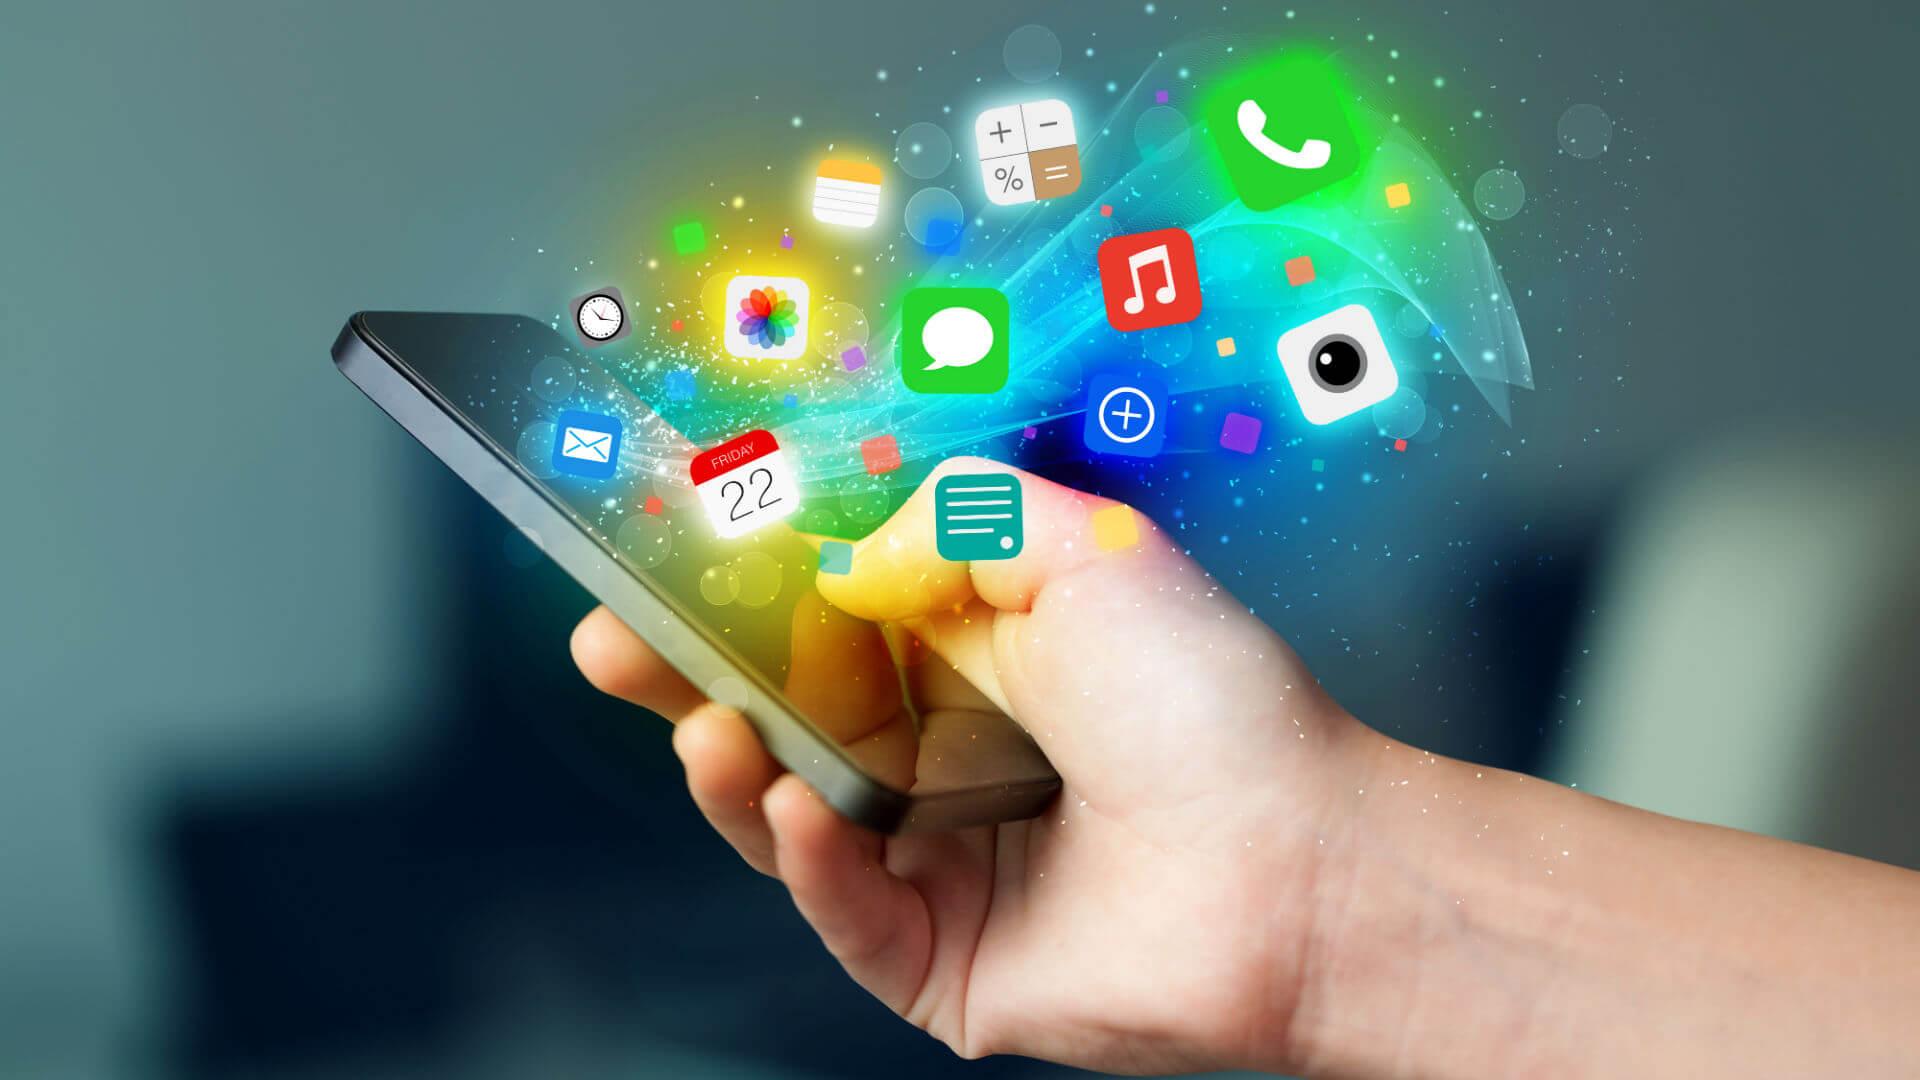 مزایای استفاده از اپلیکیشن